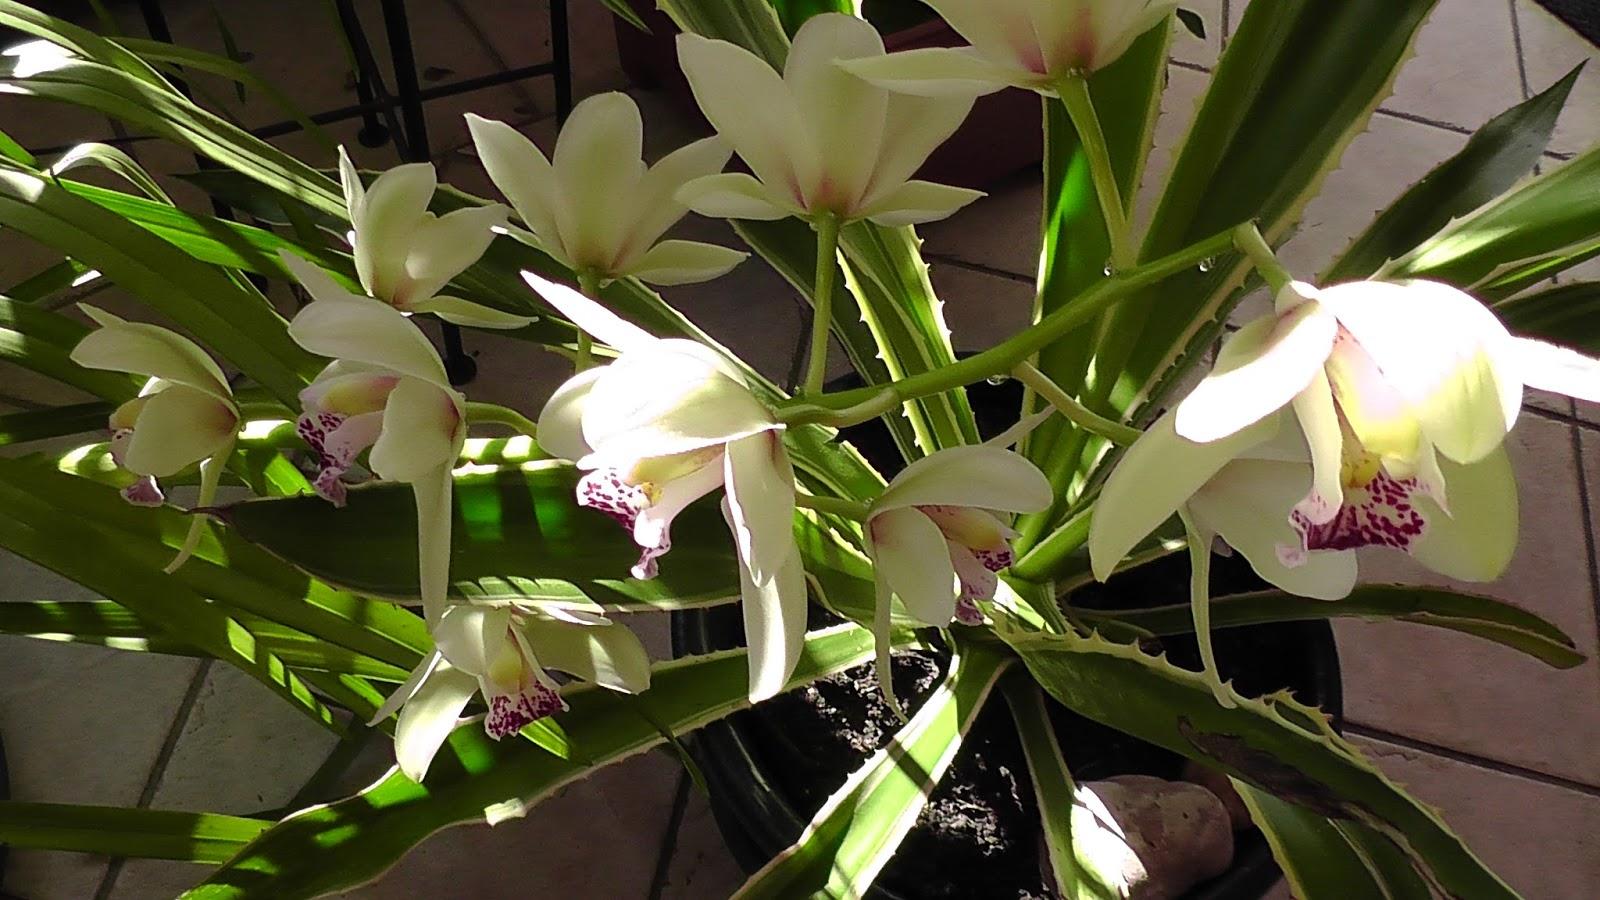 julchens welt orchidee erwacht aus dem winterschlaf. Black Bedroom Furniture Sets. Home Design Ideas